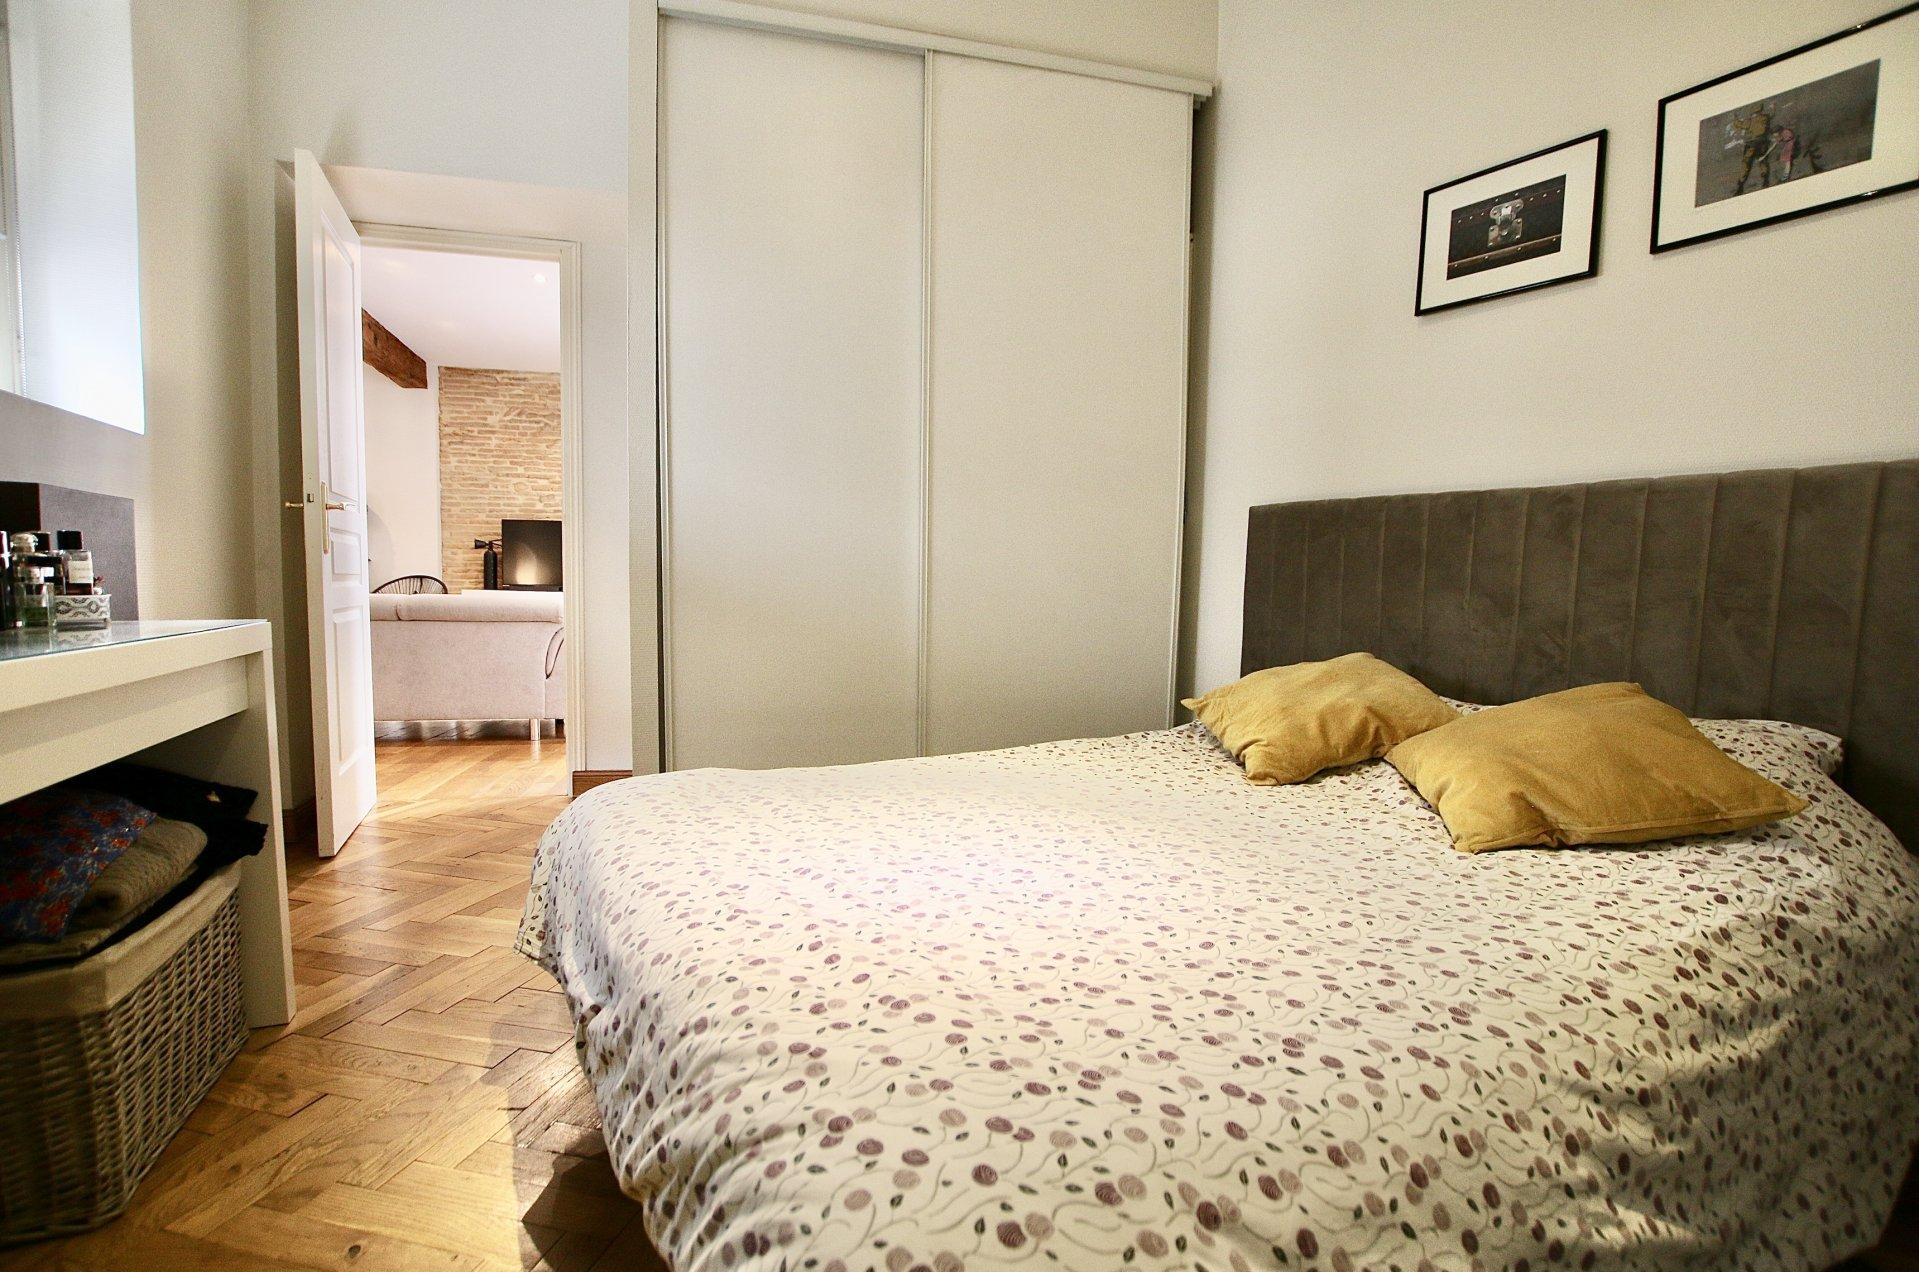 Appartement T2 de 63m2 - Bourse & Bords de Garonne